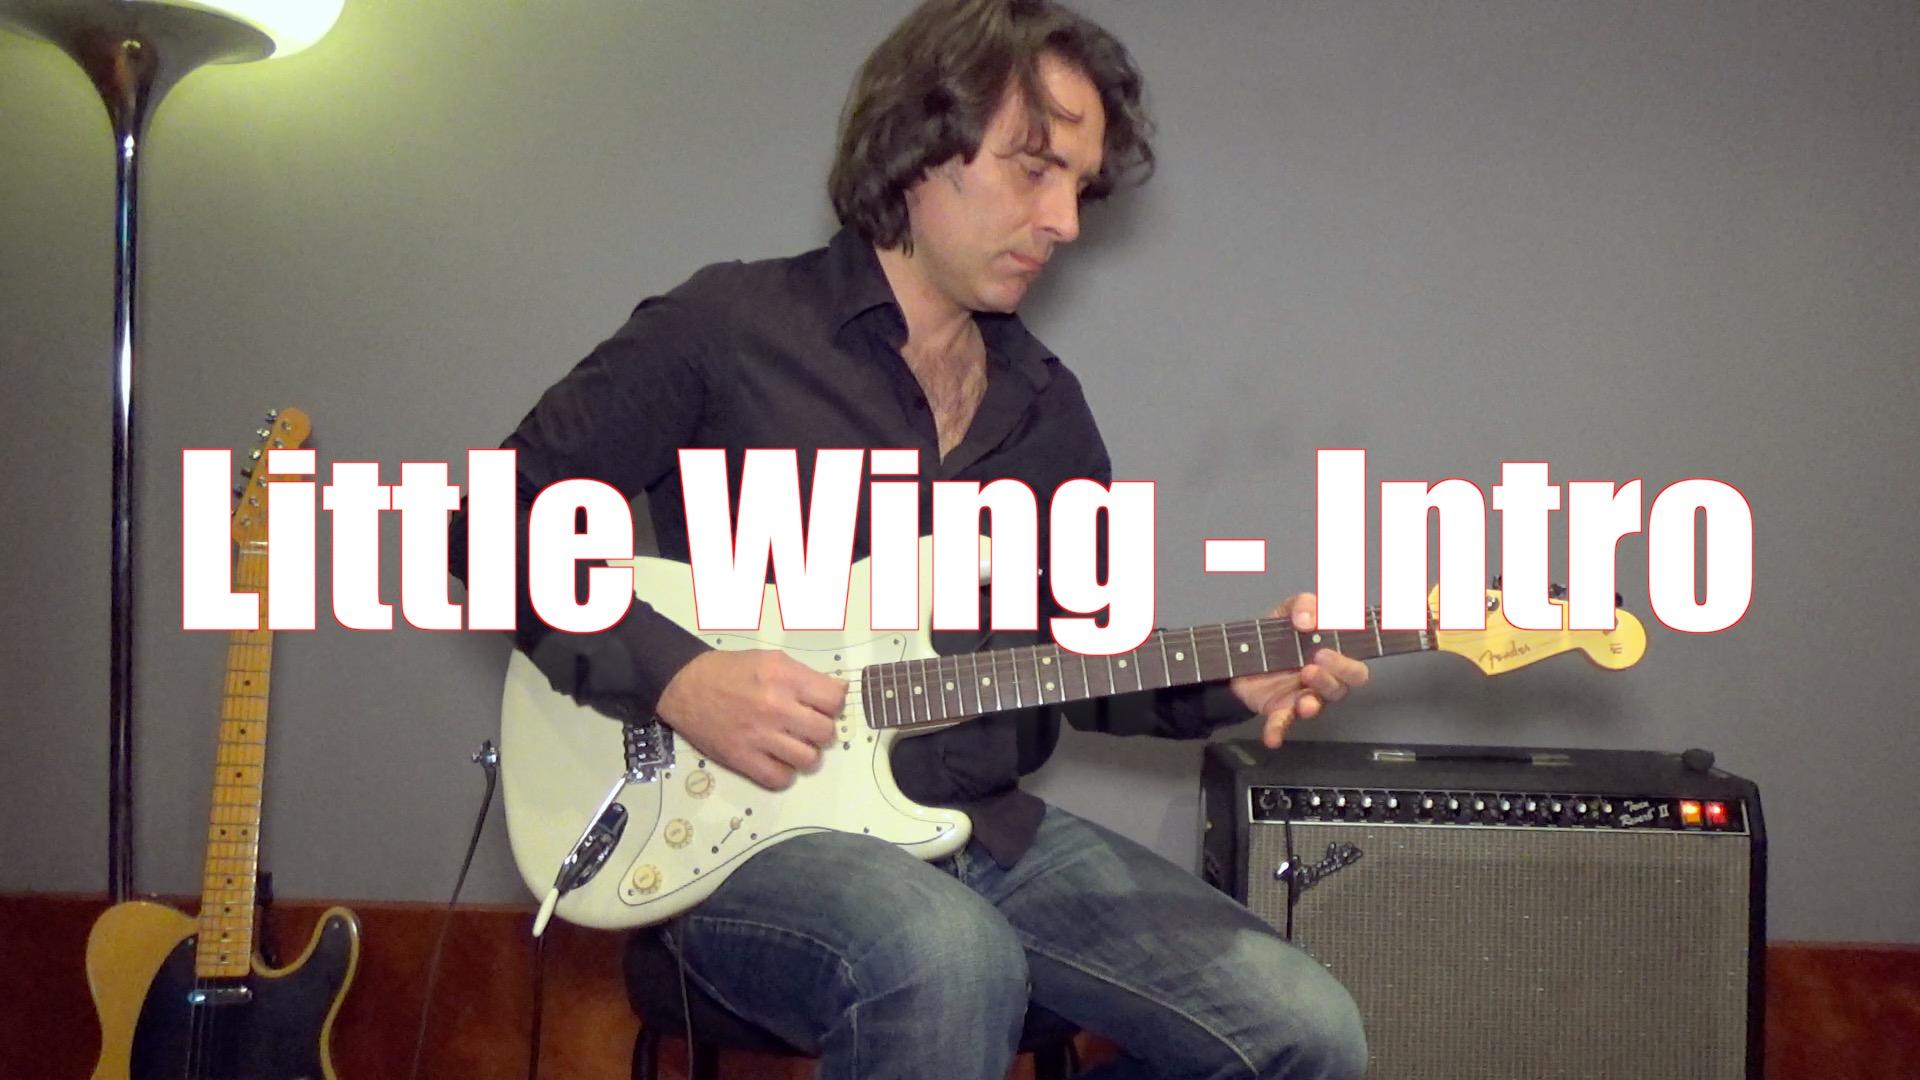 Suonare Little Wing di Jimi Hendrix